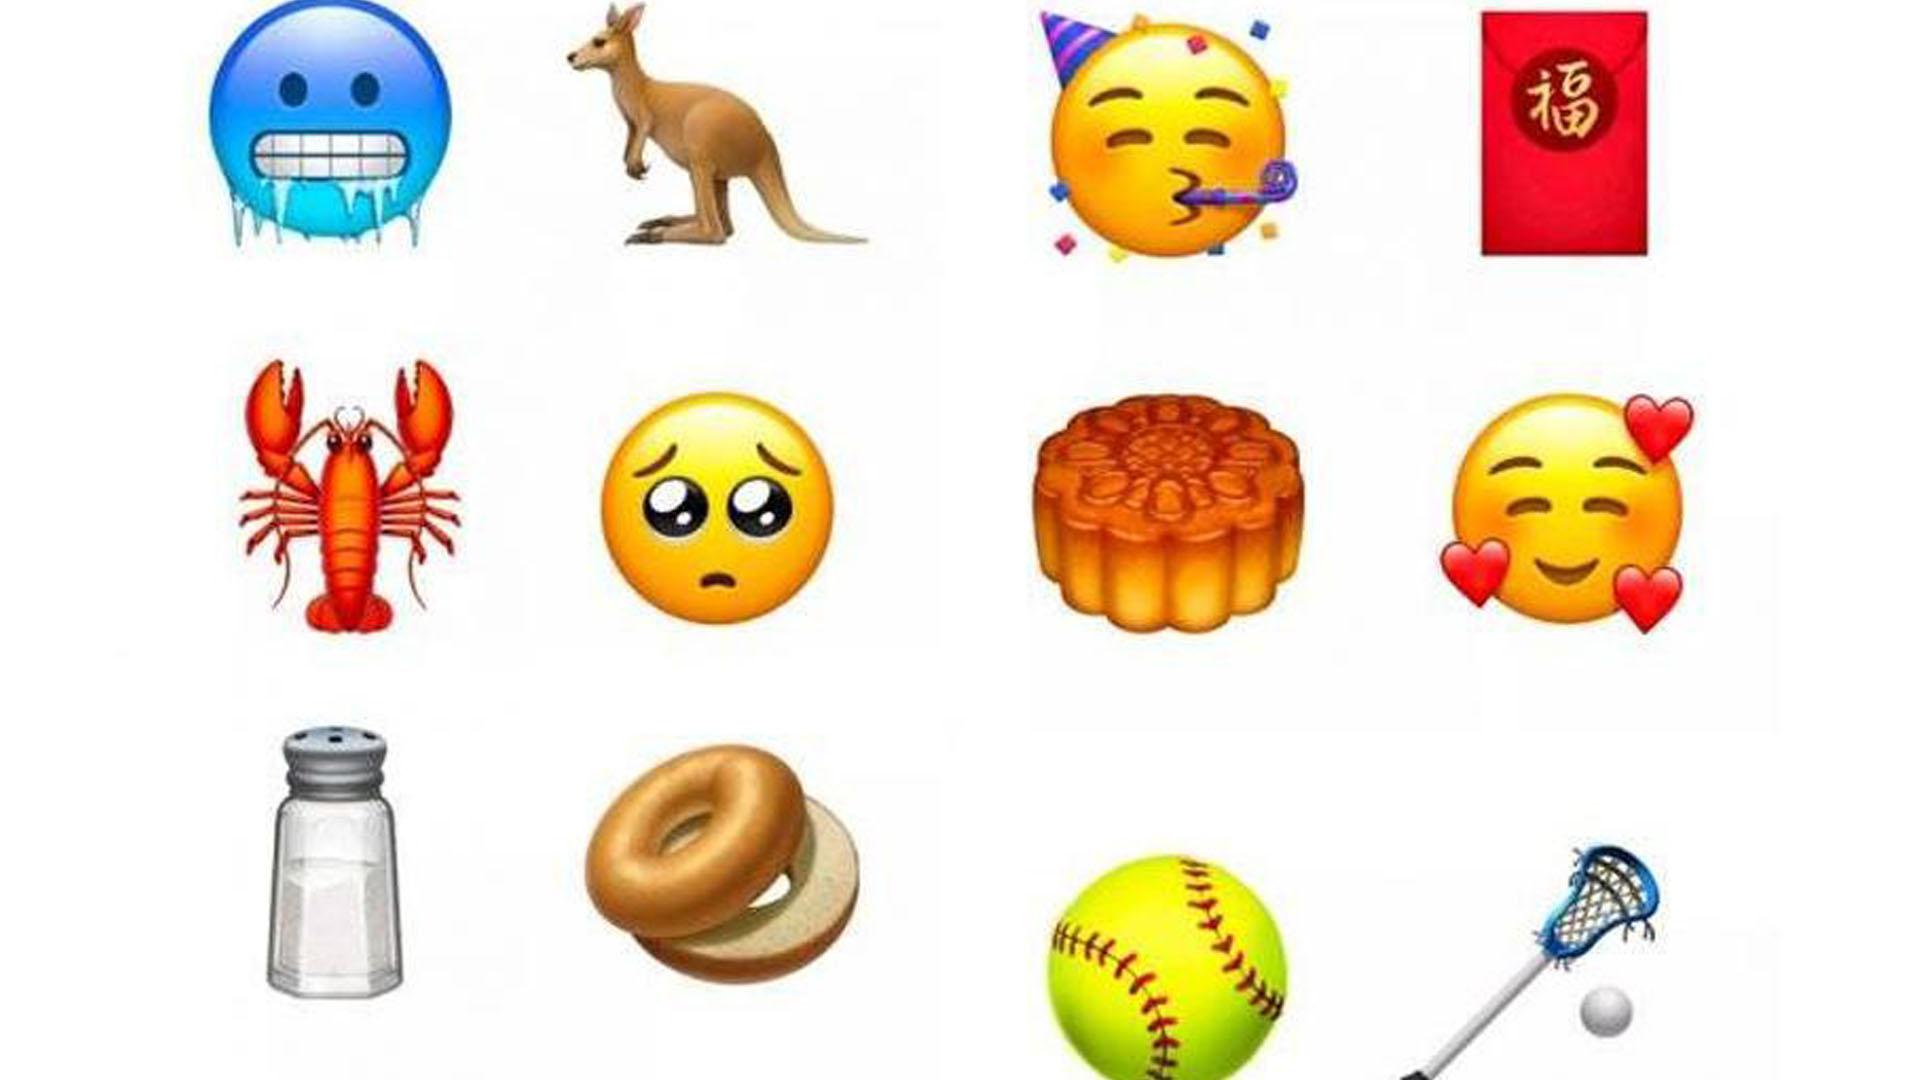 Nuevos emojis.